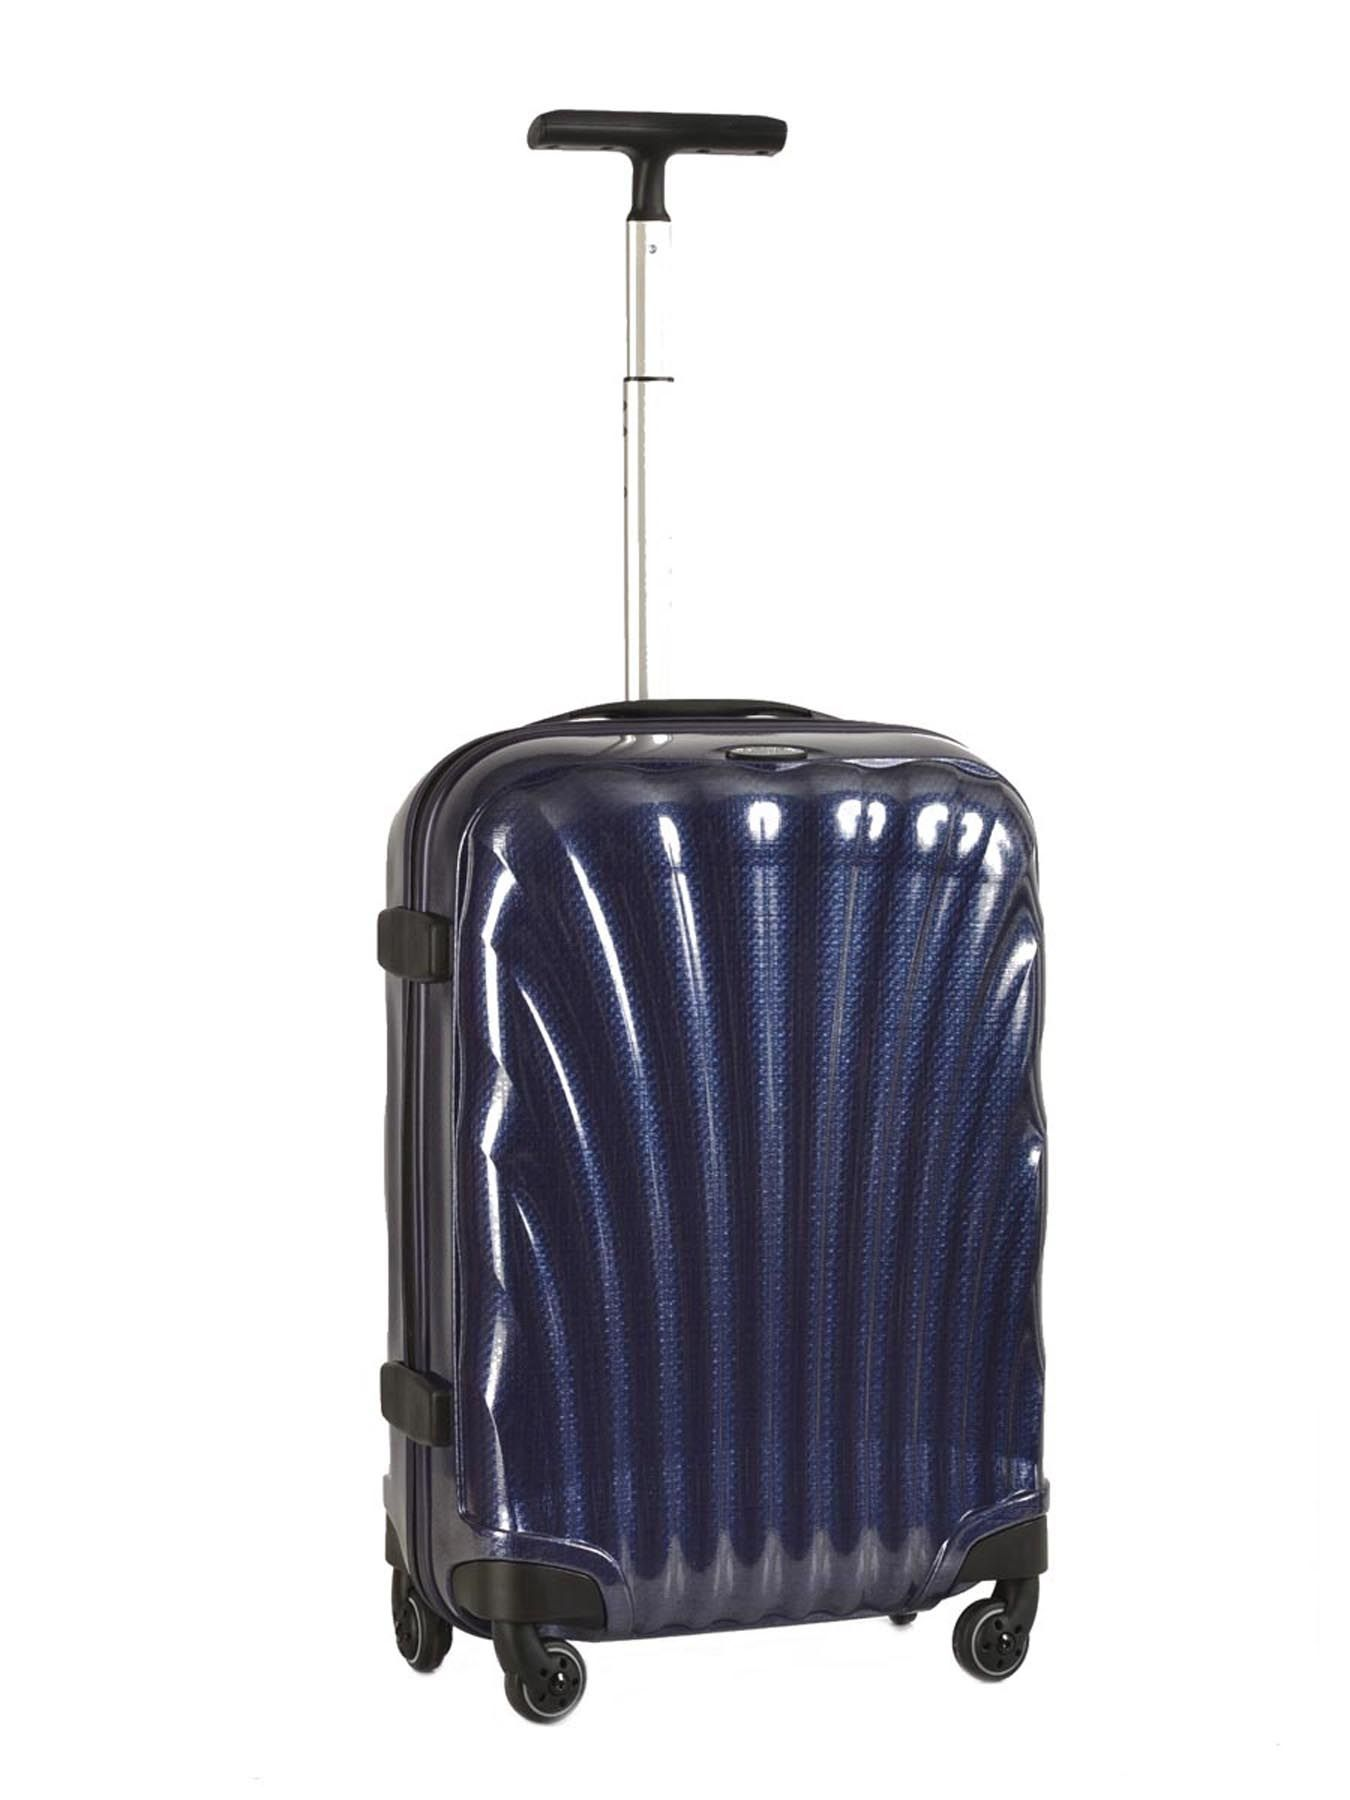 valise cabine ultra legere. Black Bedroom Furniture Sets. Home Design Ideas